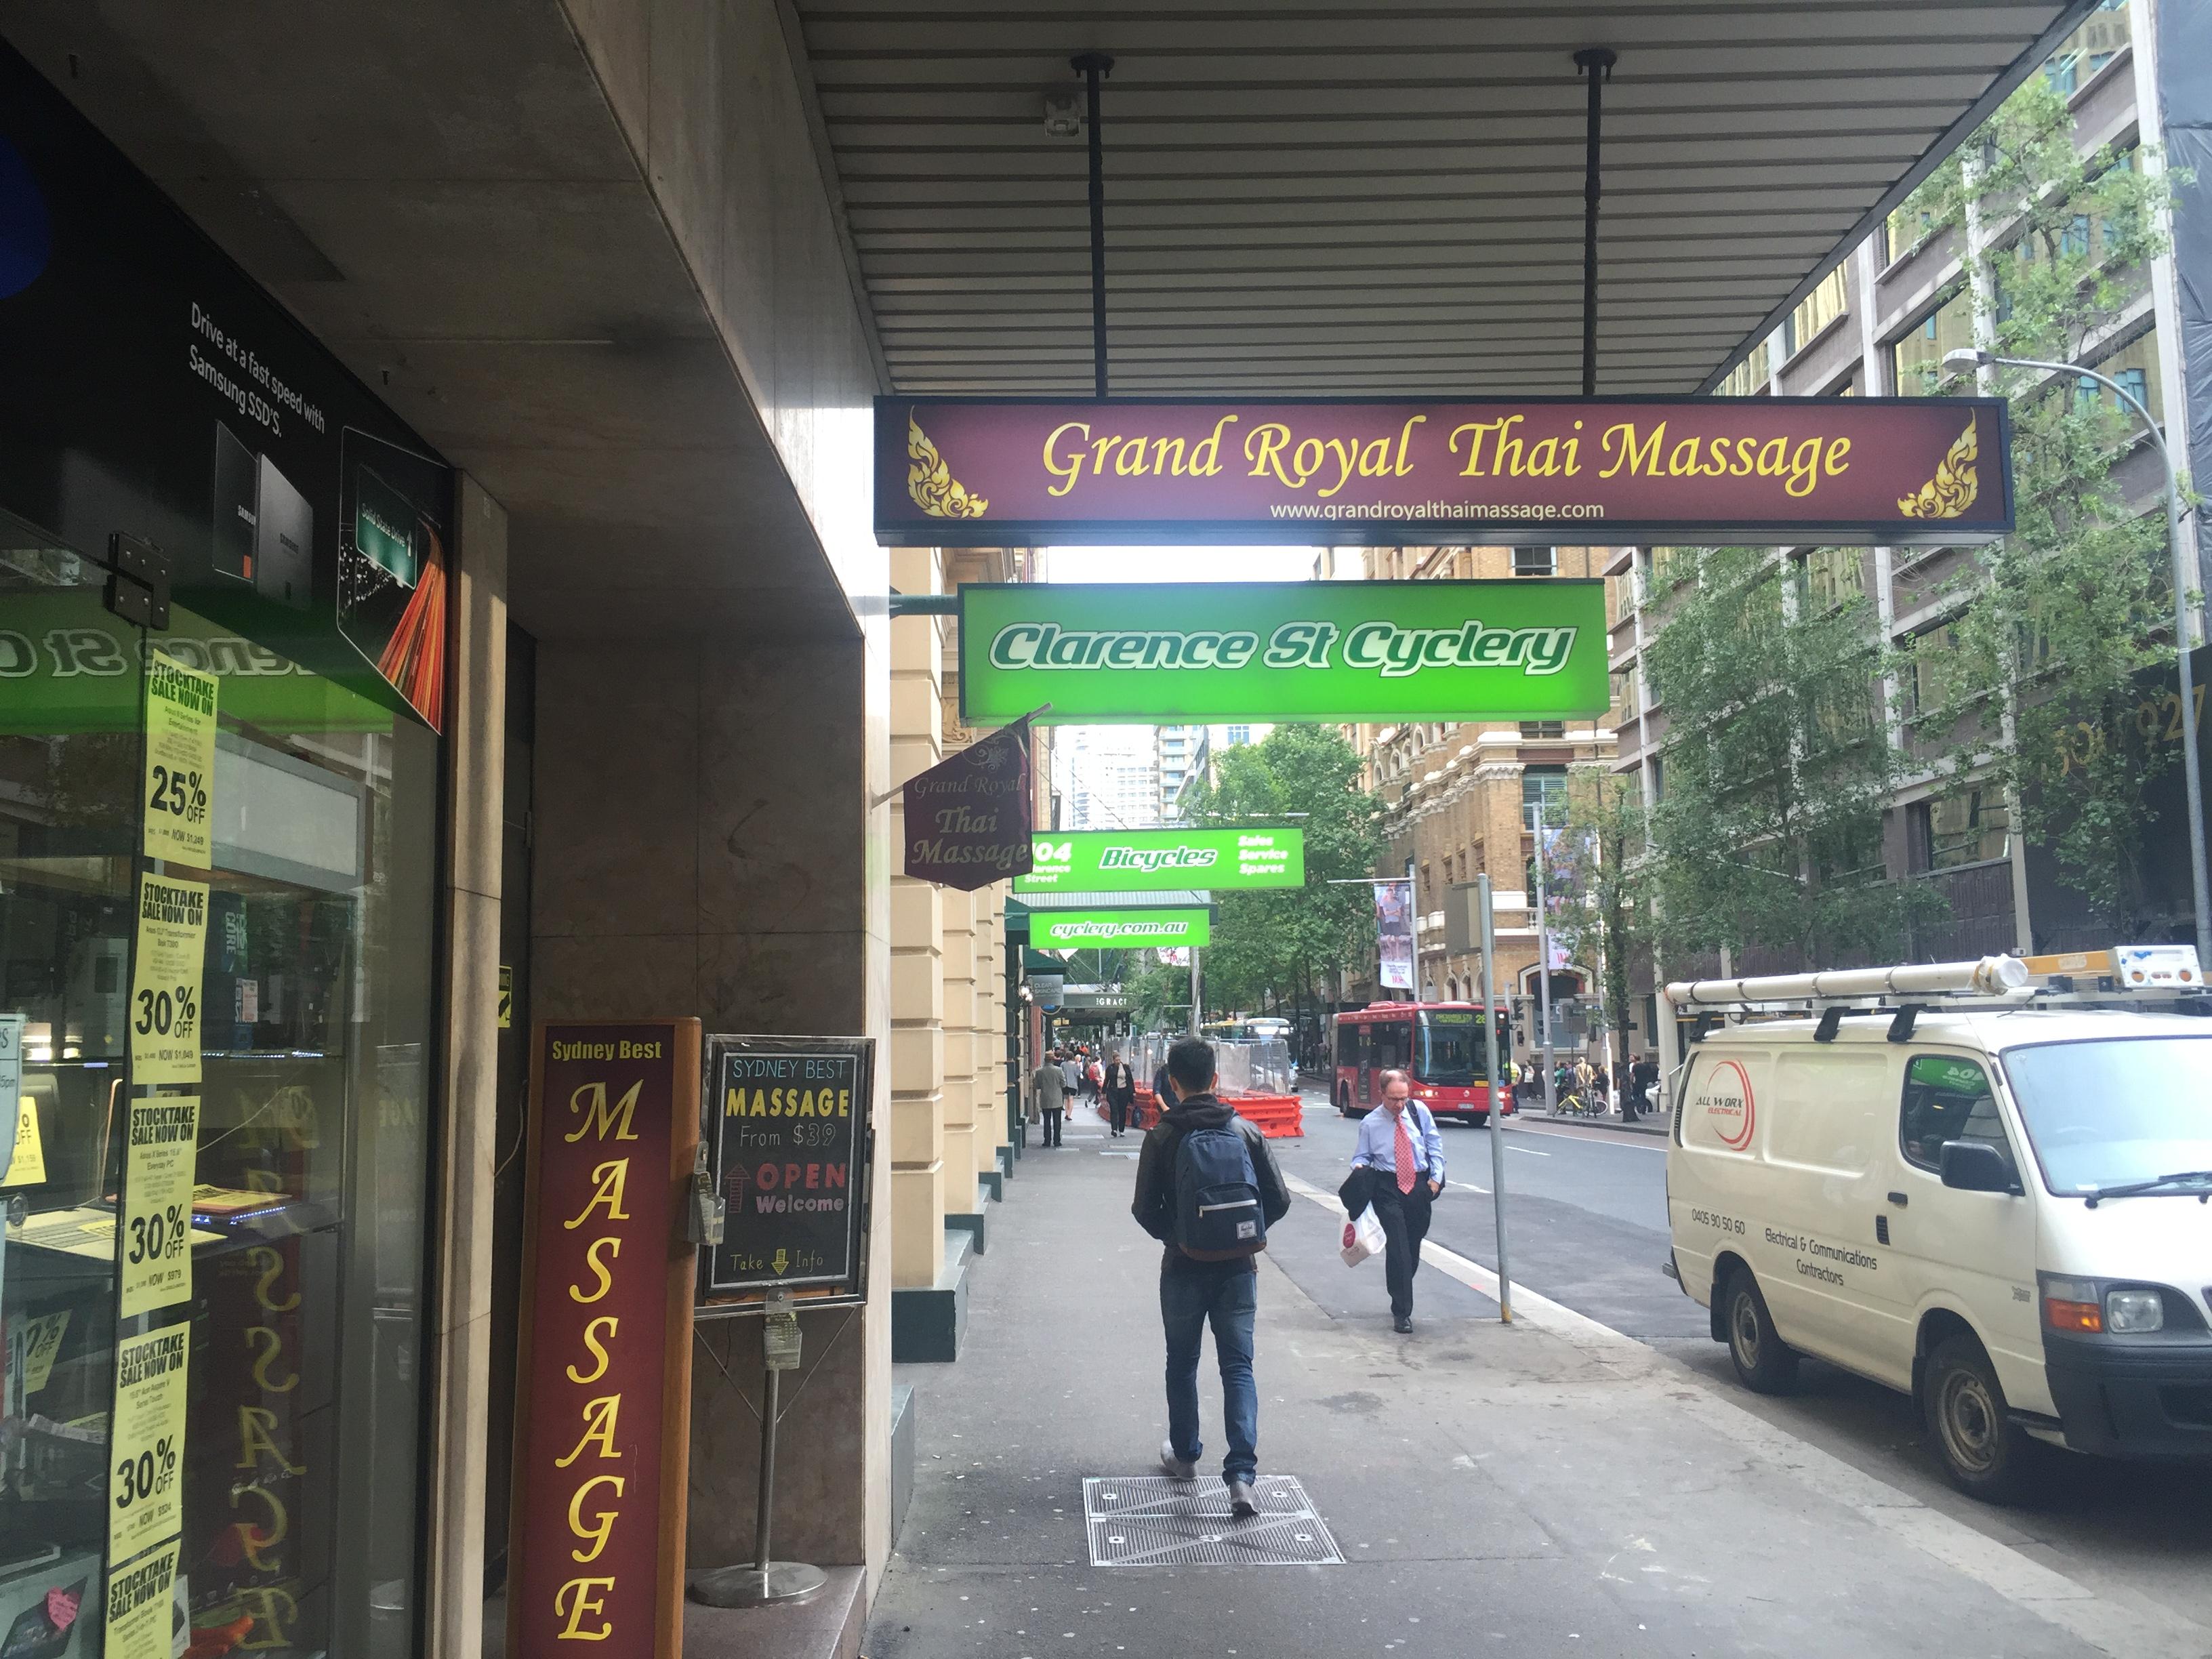 69 Massage Sydney